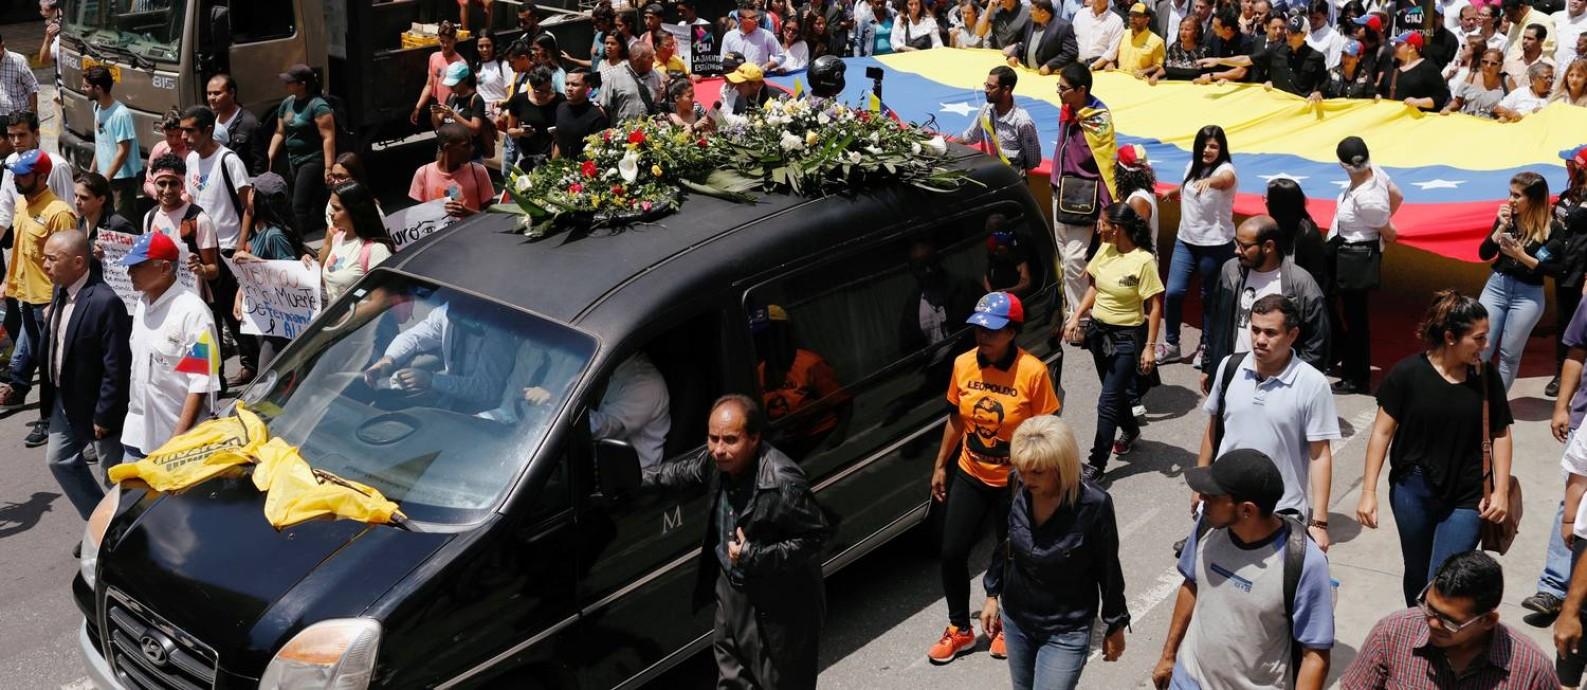 Multidão acompanha o féretro do vereador Fernando Albán em Caracas Foto: MARCO BELLO / REUTERS